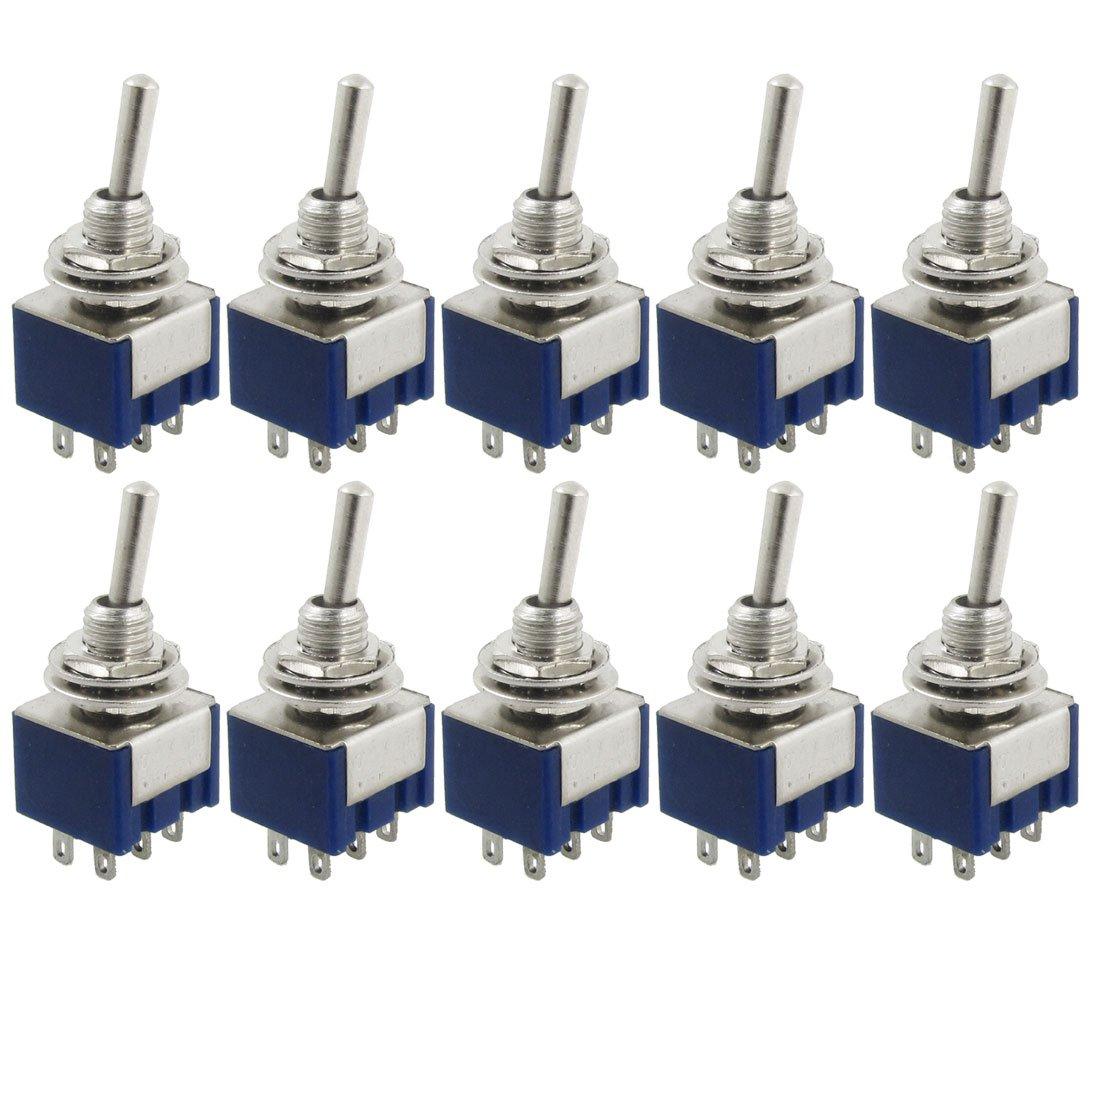 10 Pcs AC 125V 6A Amps ON/ON 2 Position DPDT Toggle Switch [vk] av044746a200k switch pushbutton dpdt 6a 125v switch